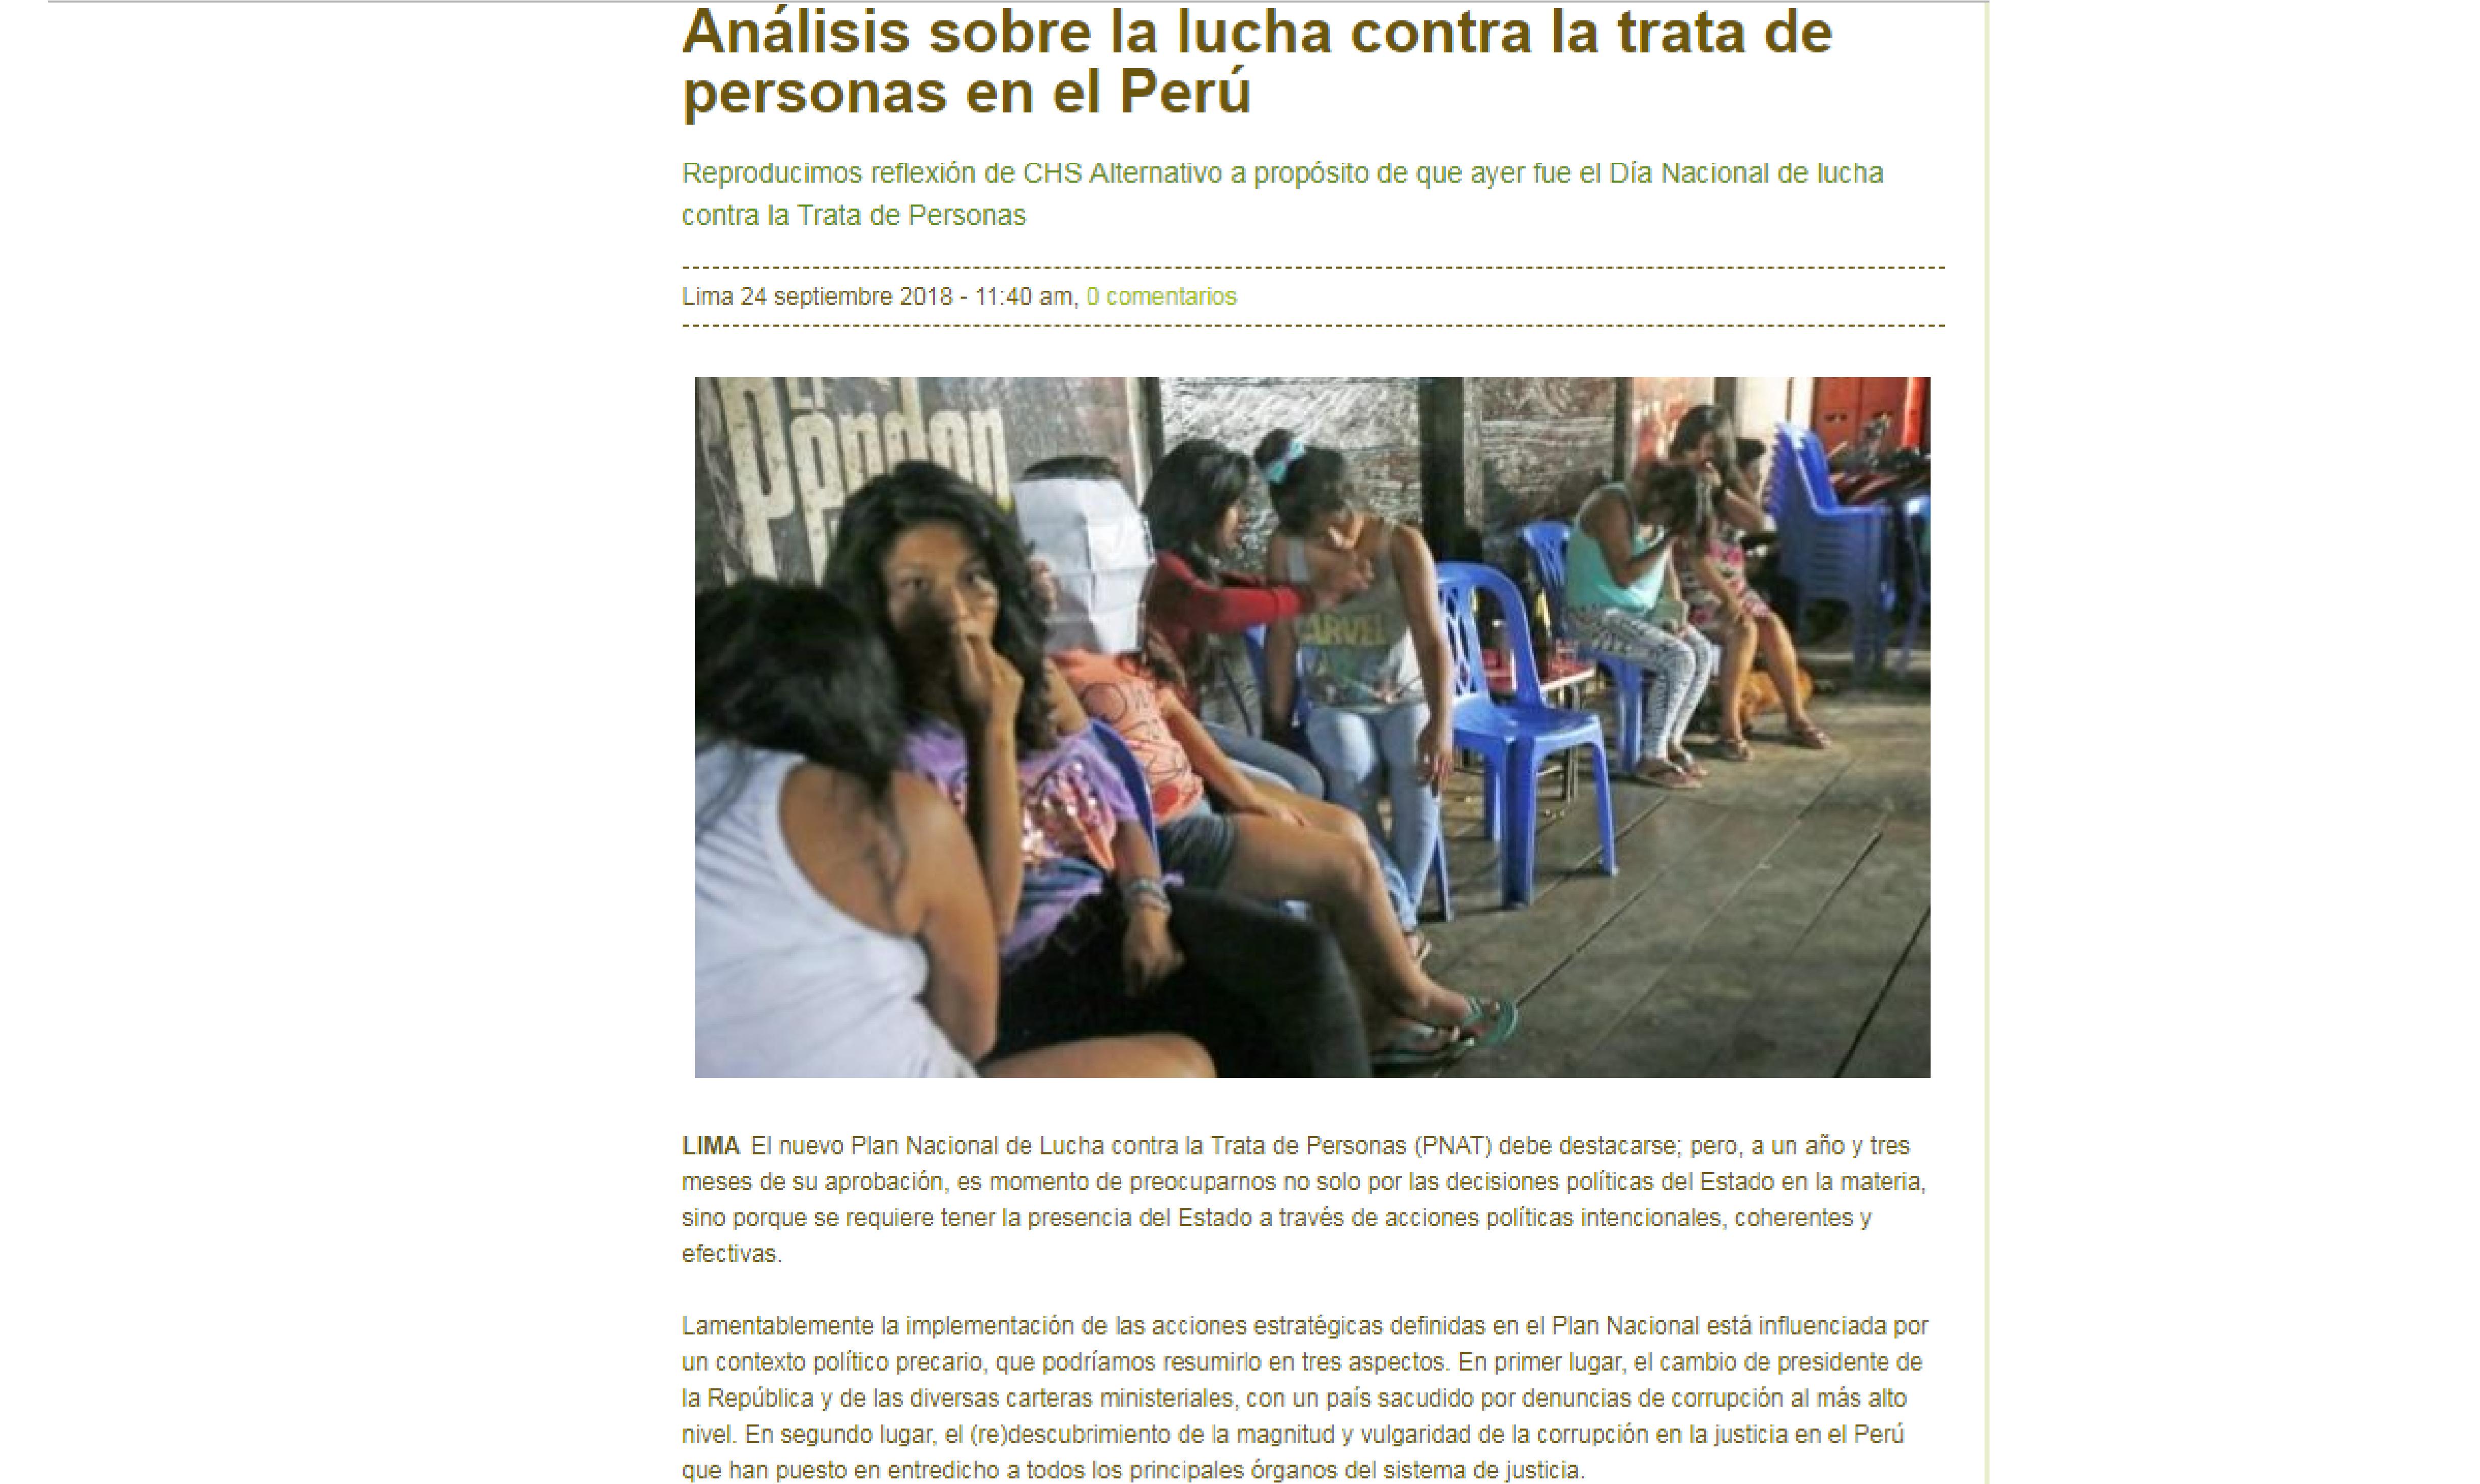 Inforegión: Análisis sobre la lucha contra la trata de personas en el Perú